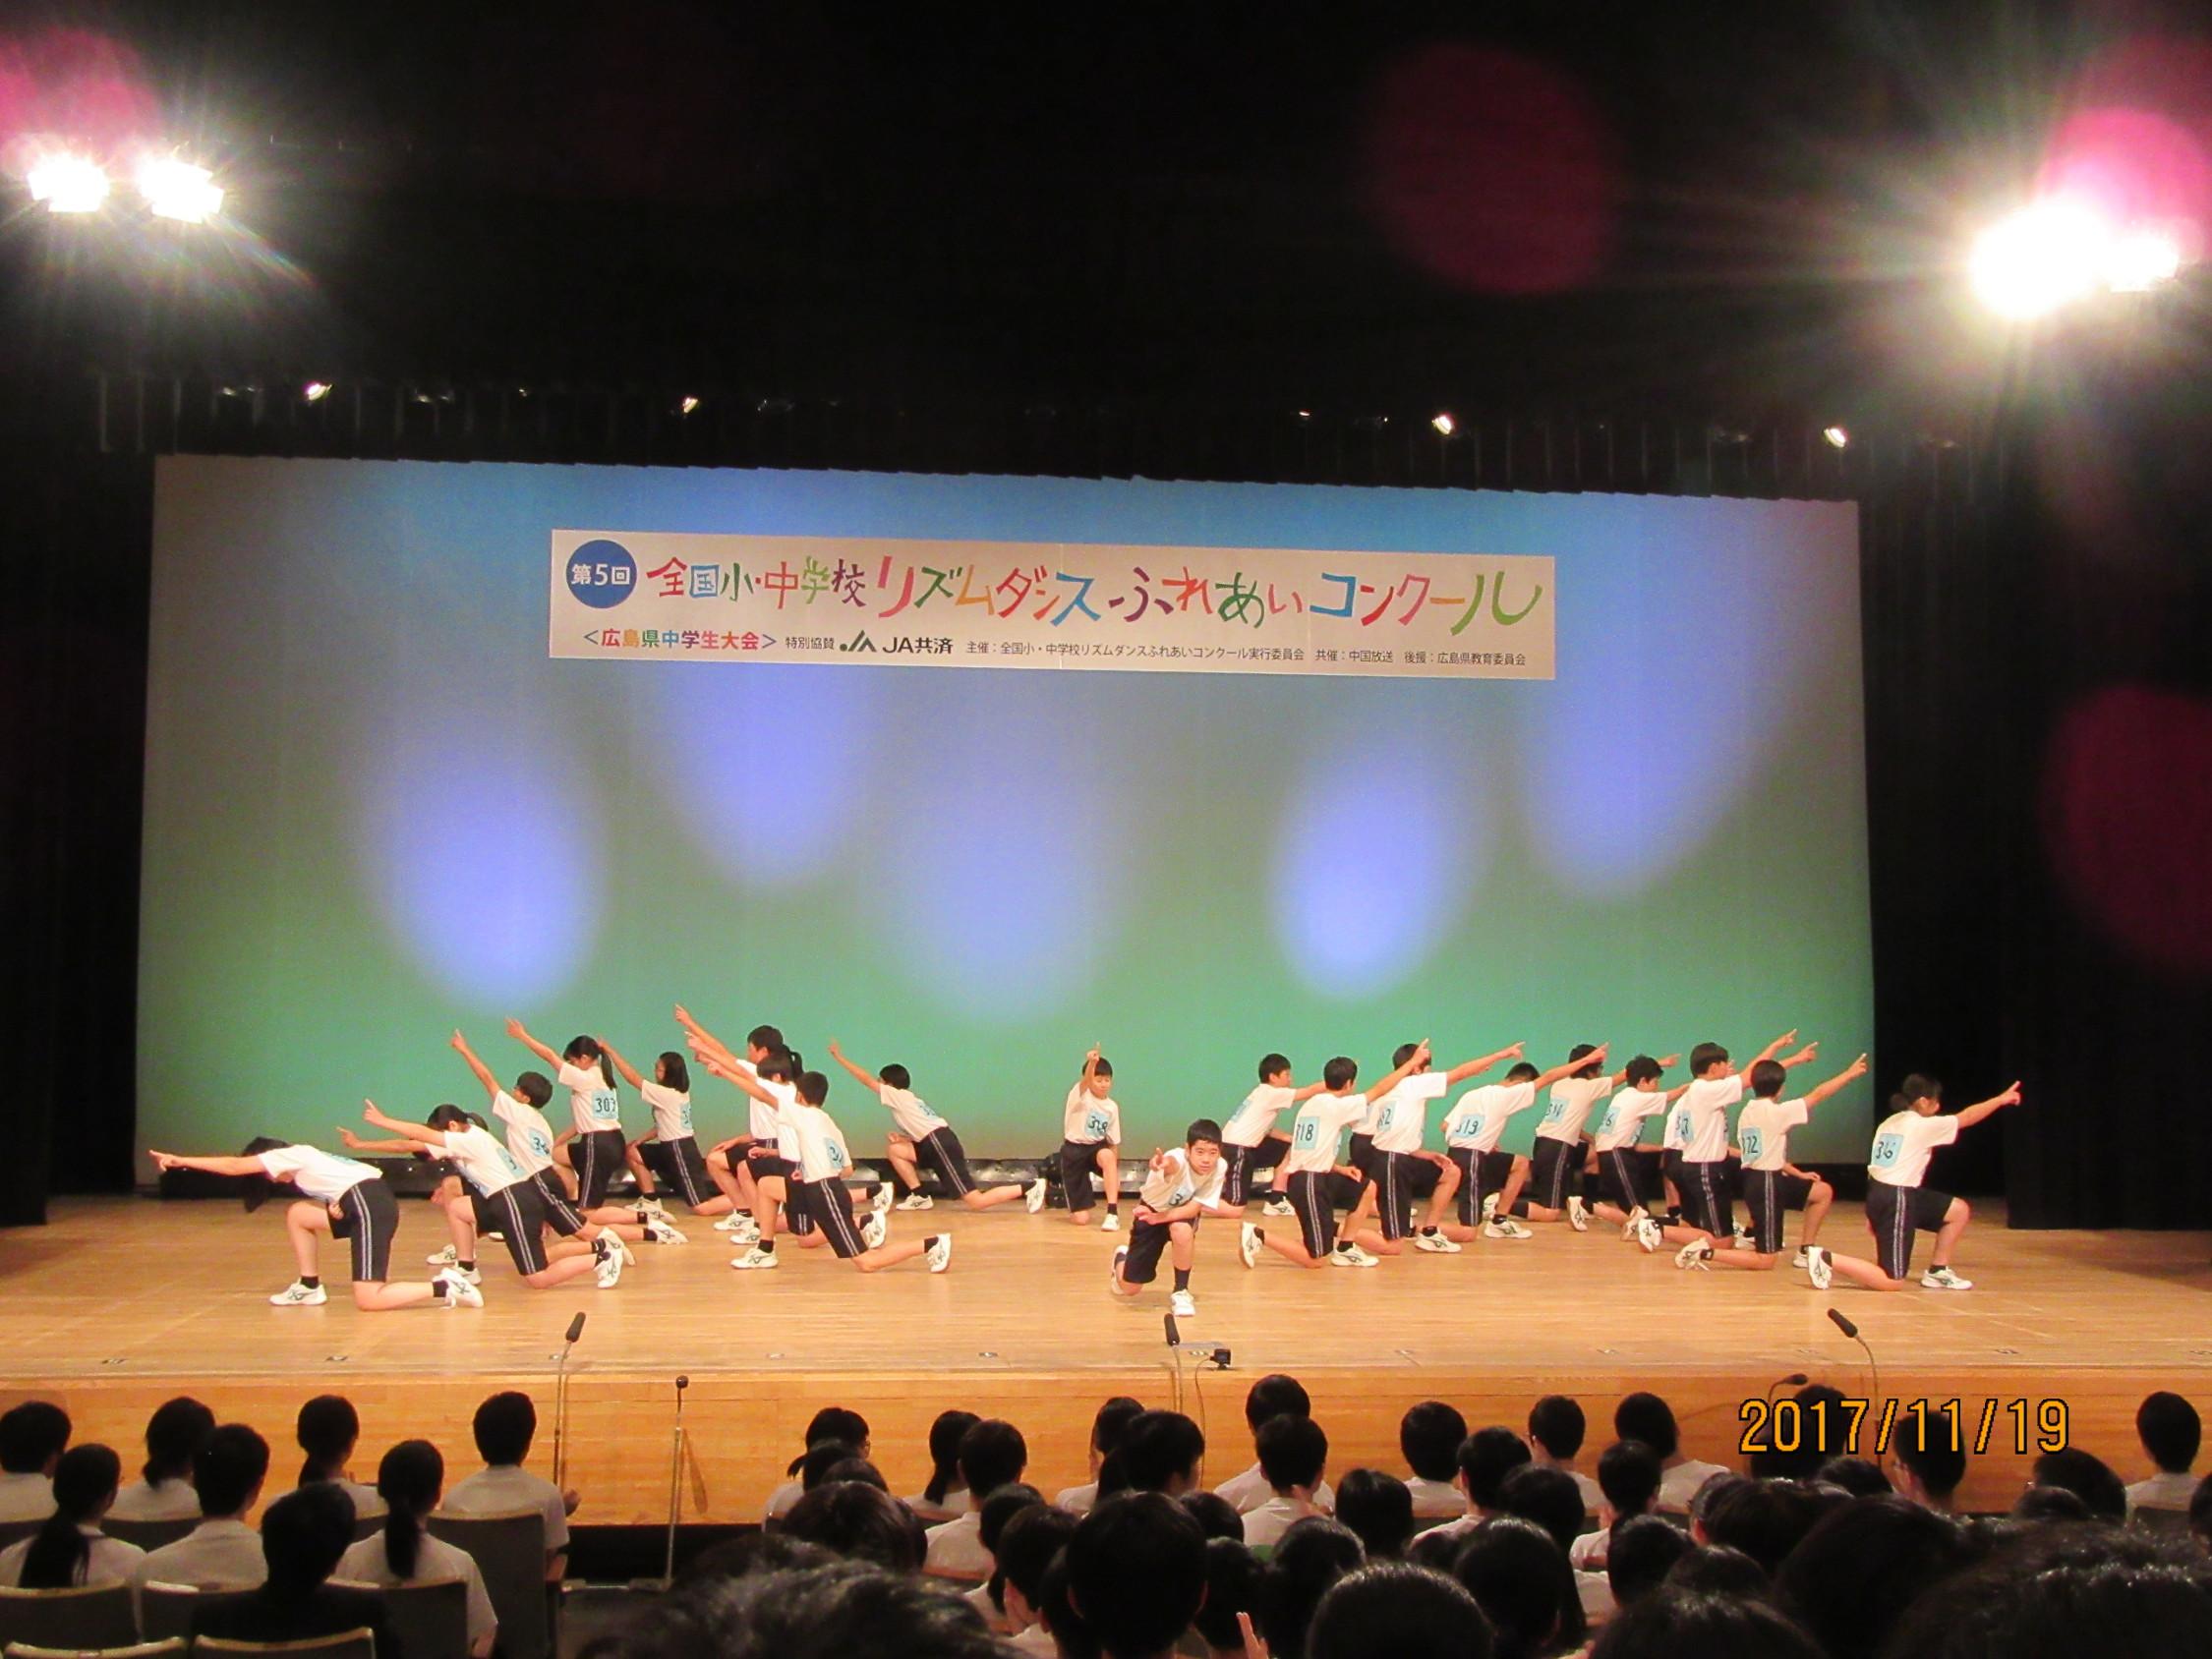 リズムダンスふれあいコンクール広島大会出場~Part2~ 全国大会に進出決定!